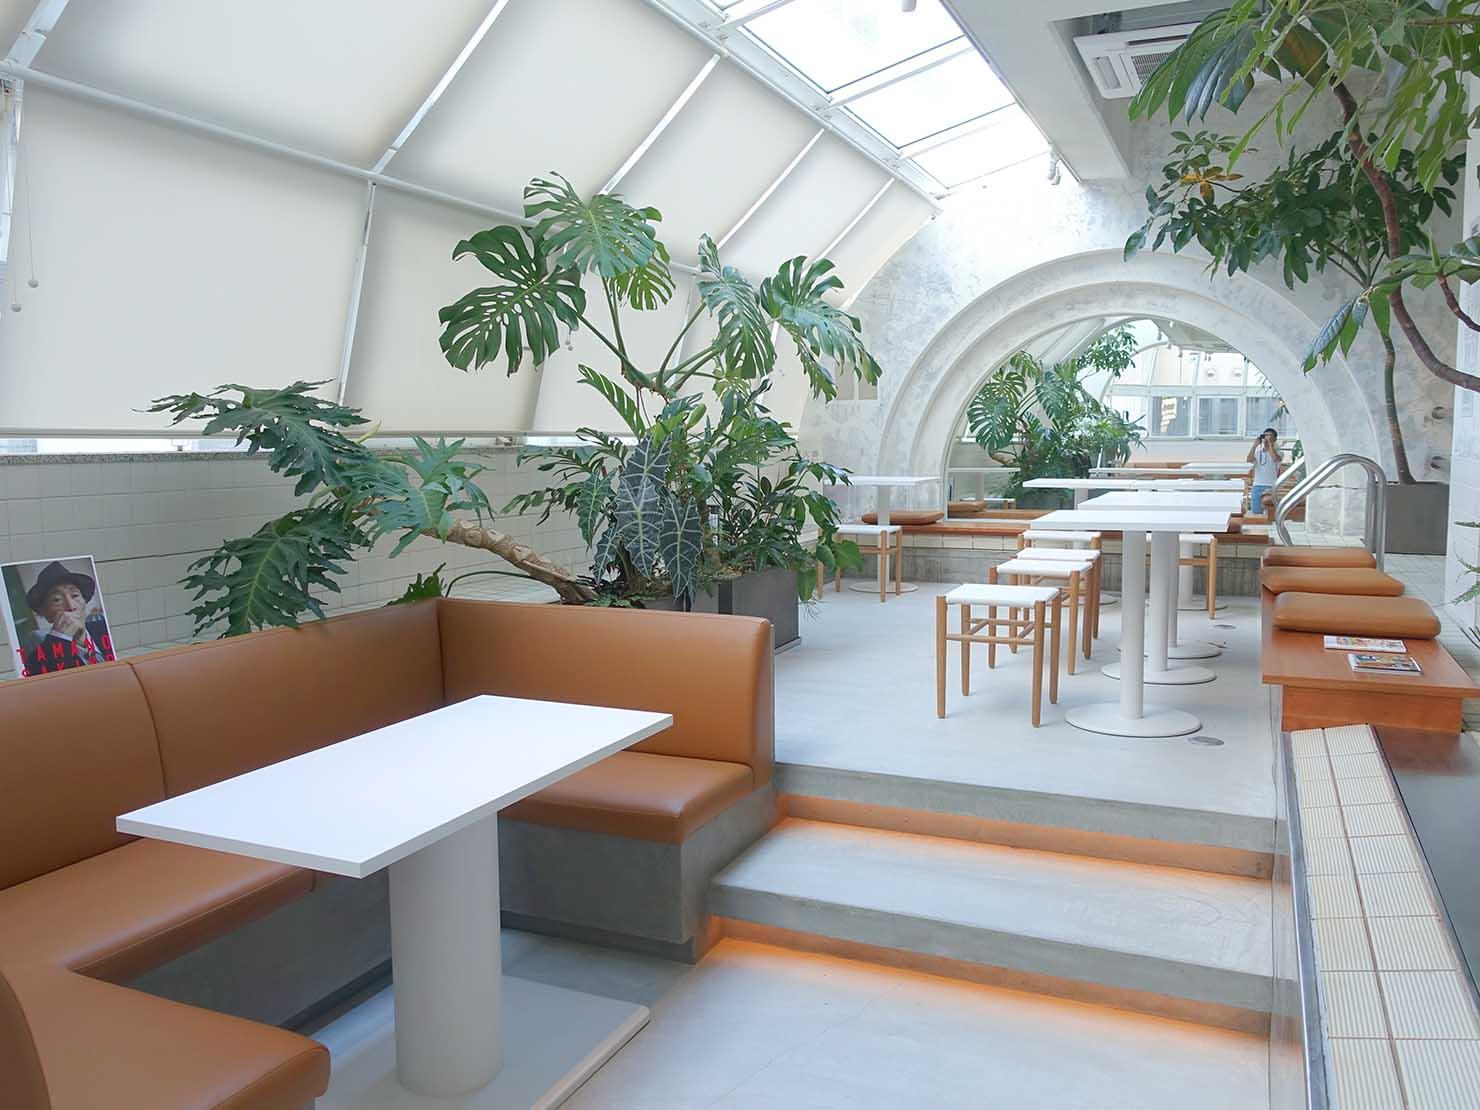 広島・八丁堀のおしゃれなリノベホテル「KIRO広島 The Share Hotels」のダイニング・THE POOLSIDEのエントランス側から見る店内